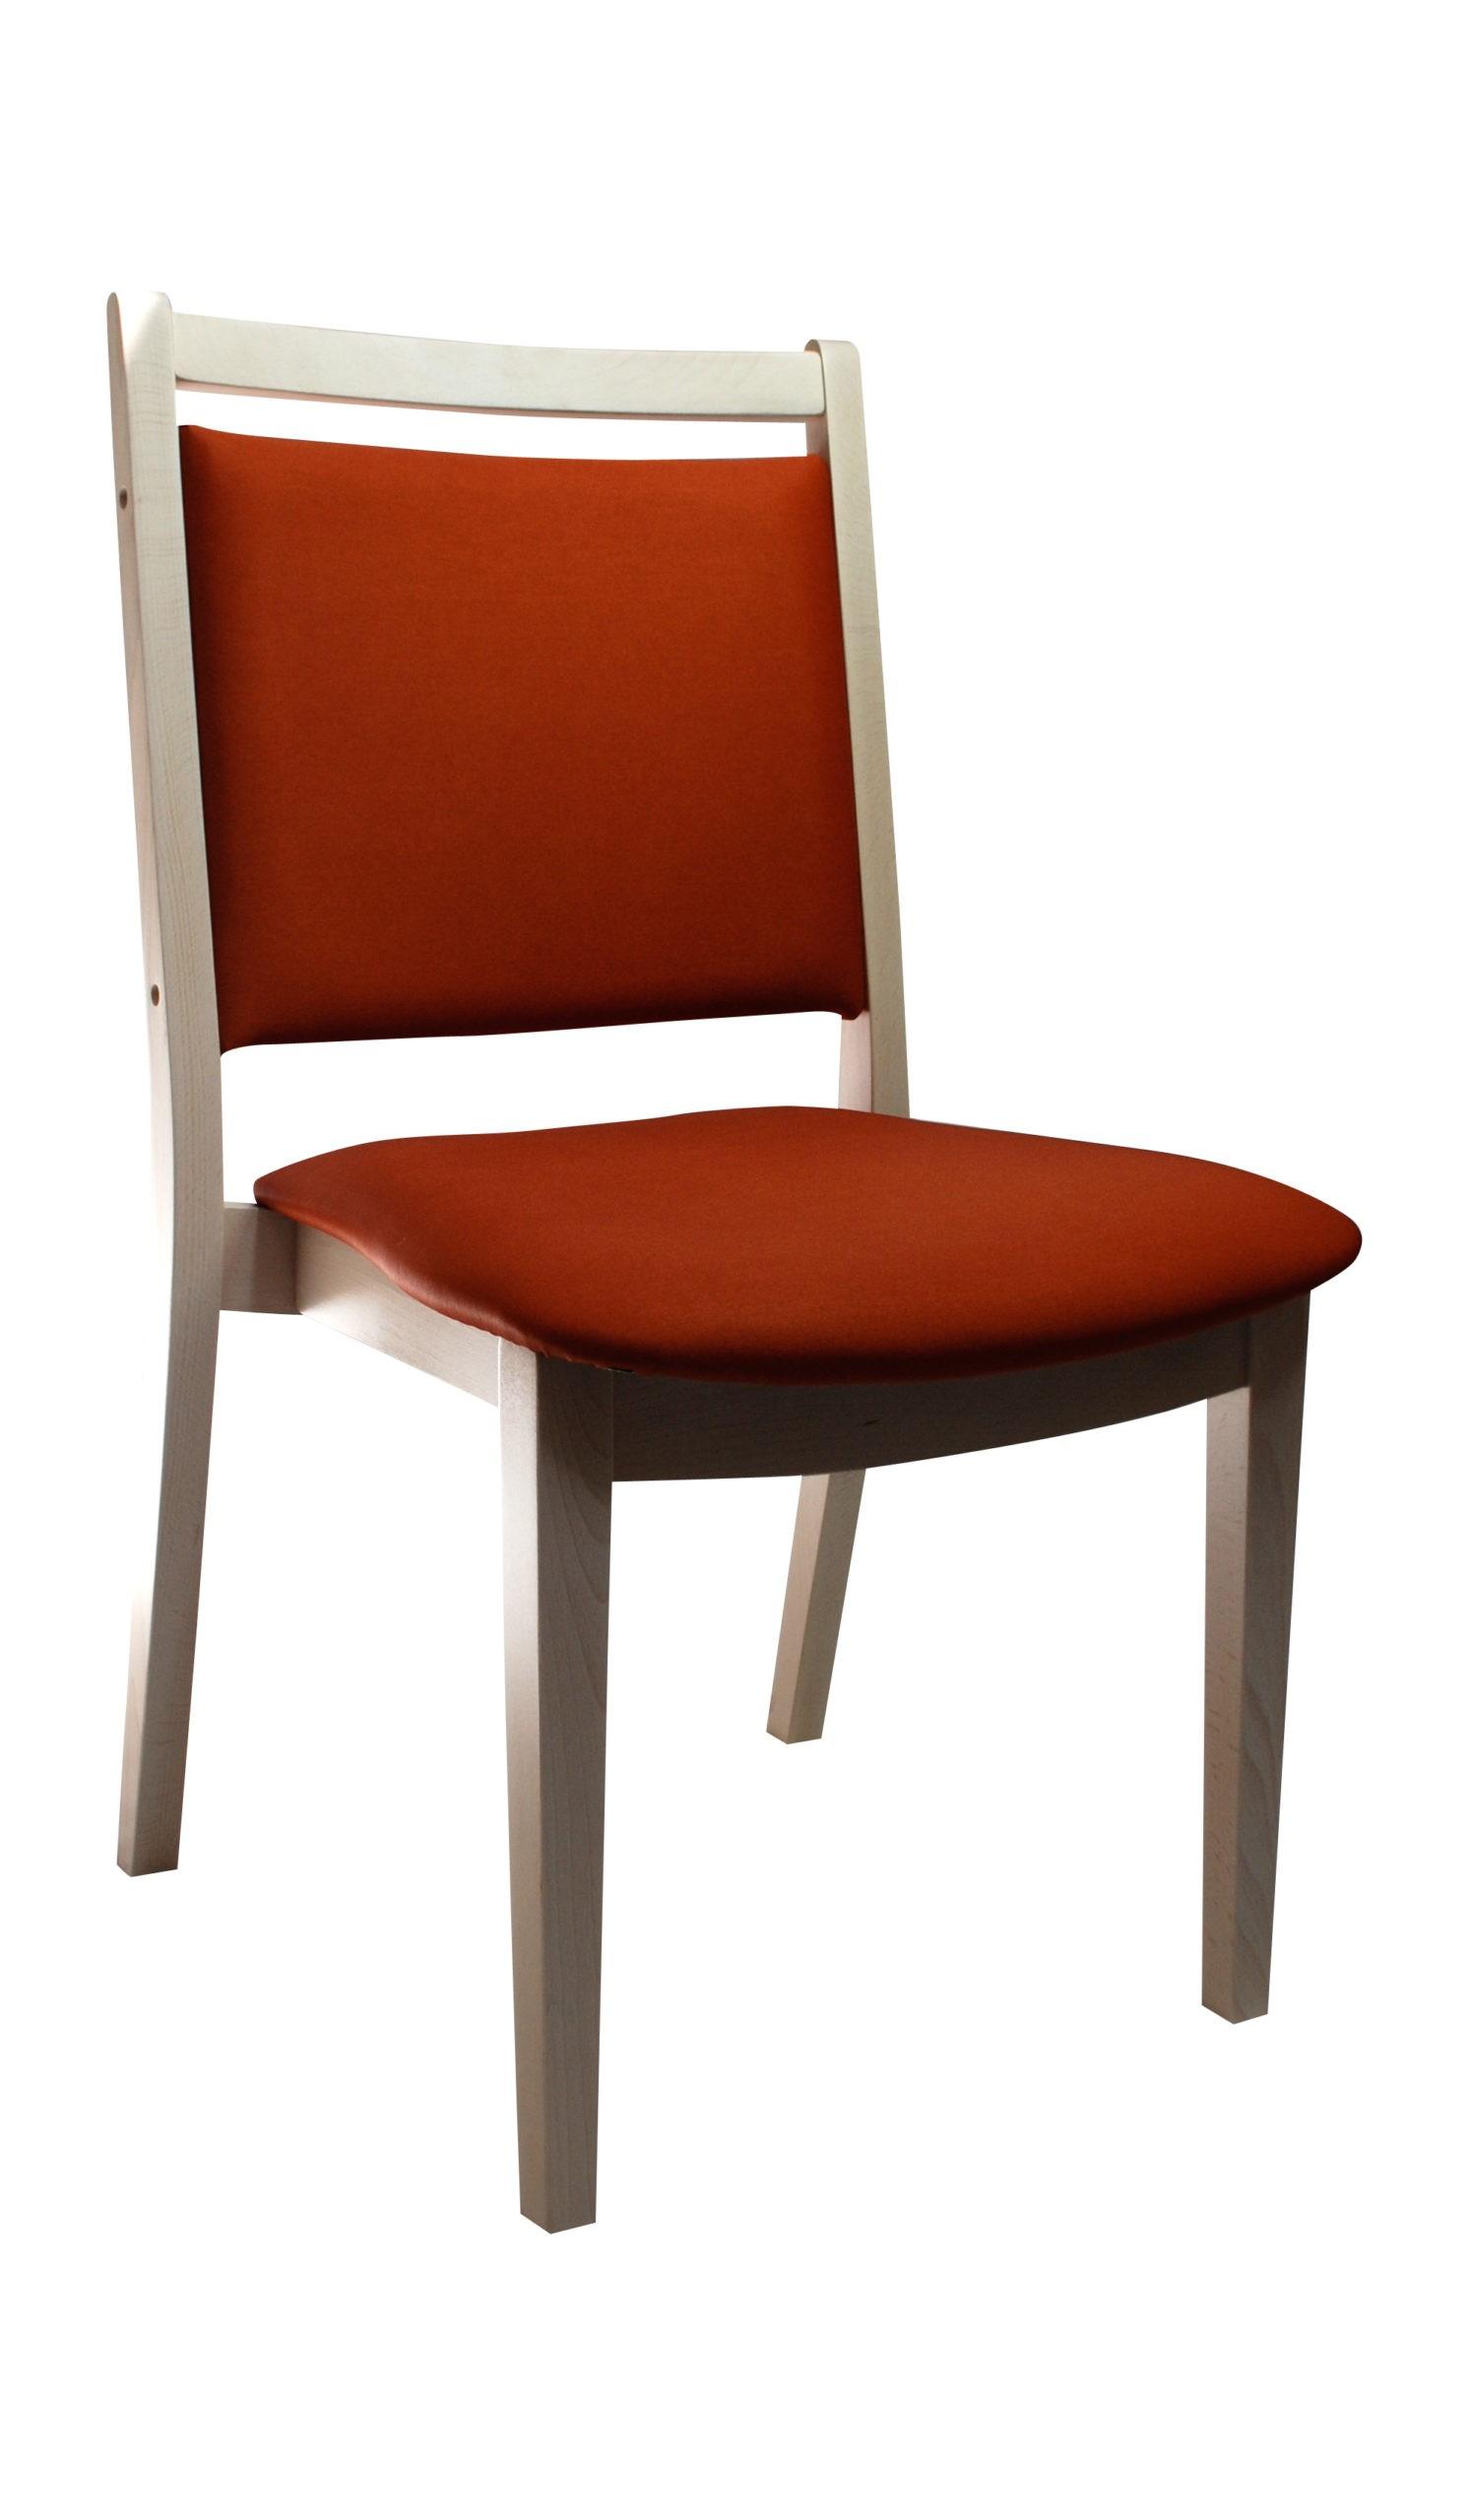 Krzesło KT 59 unikalne wzornictwo trwałość wygoda